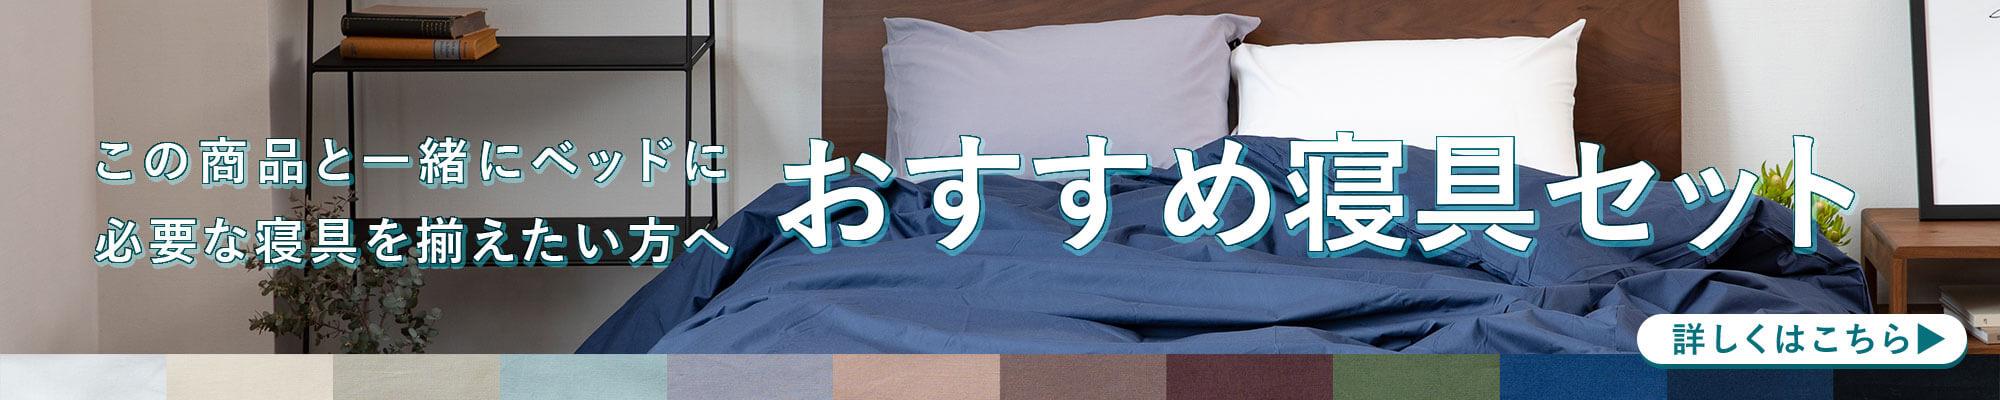 この商品と一緒にベッドに必要な寝具を揃えたい方へ おすすめ寝具セット